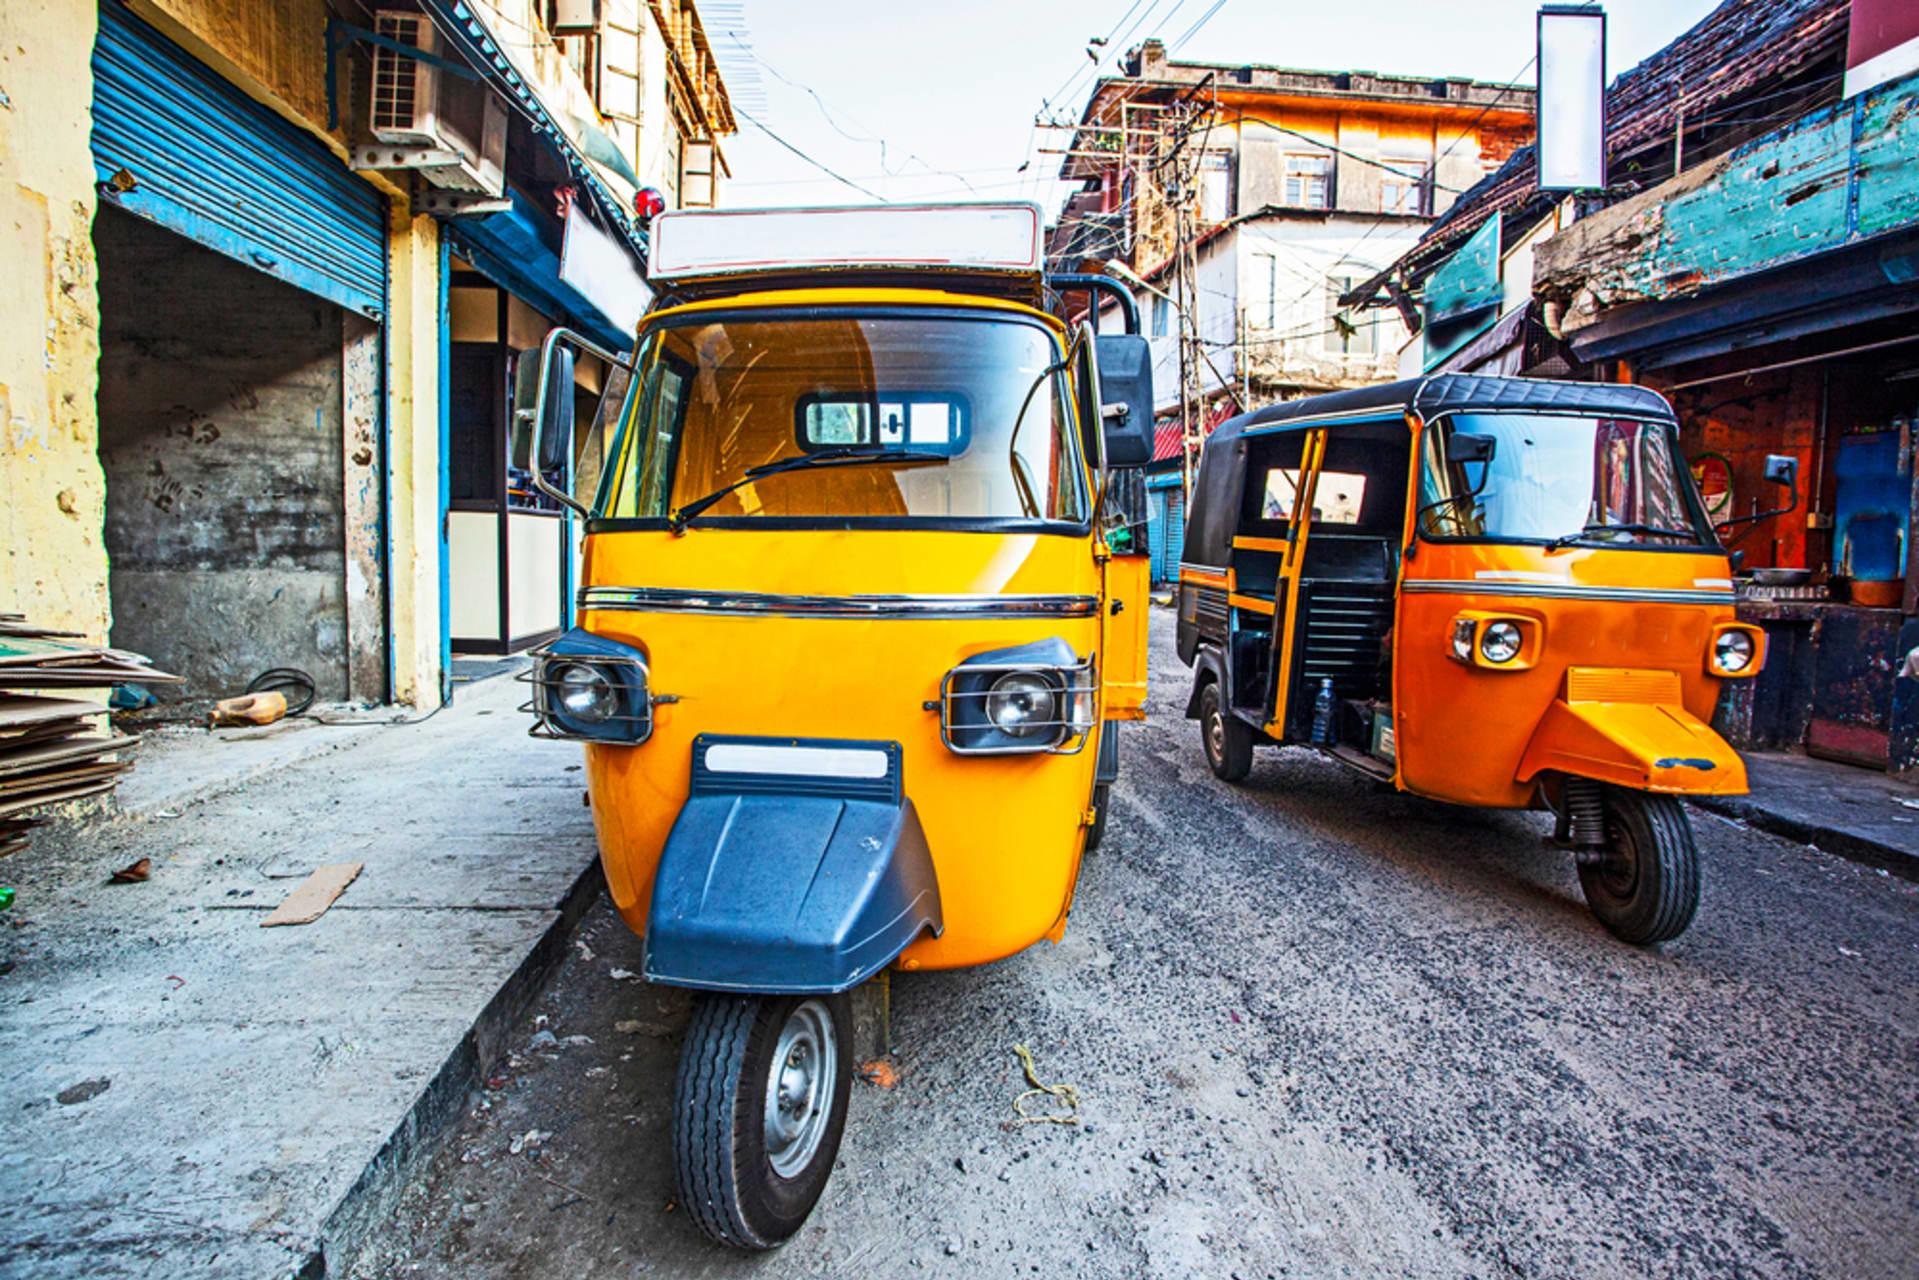 Kerala - Kozhikode City Tour With Tuk-tuk Ride